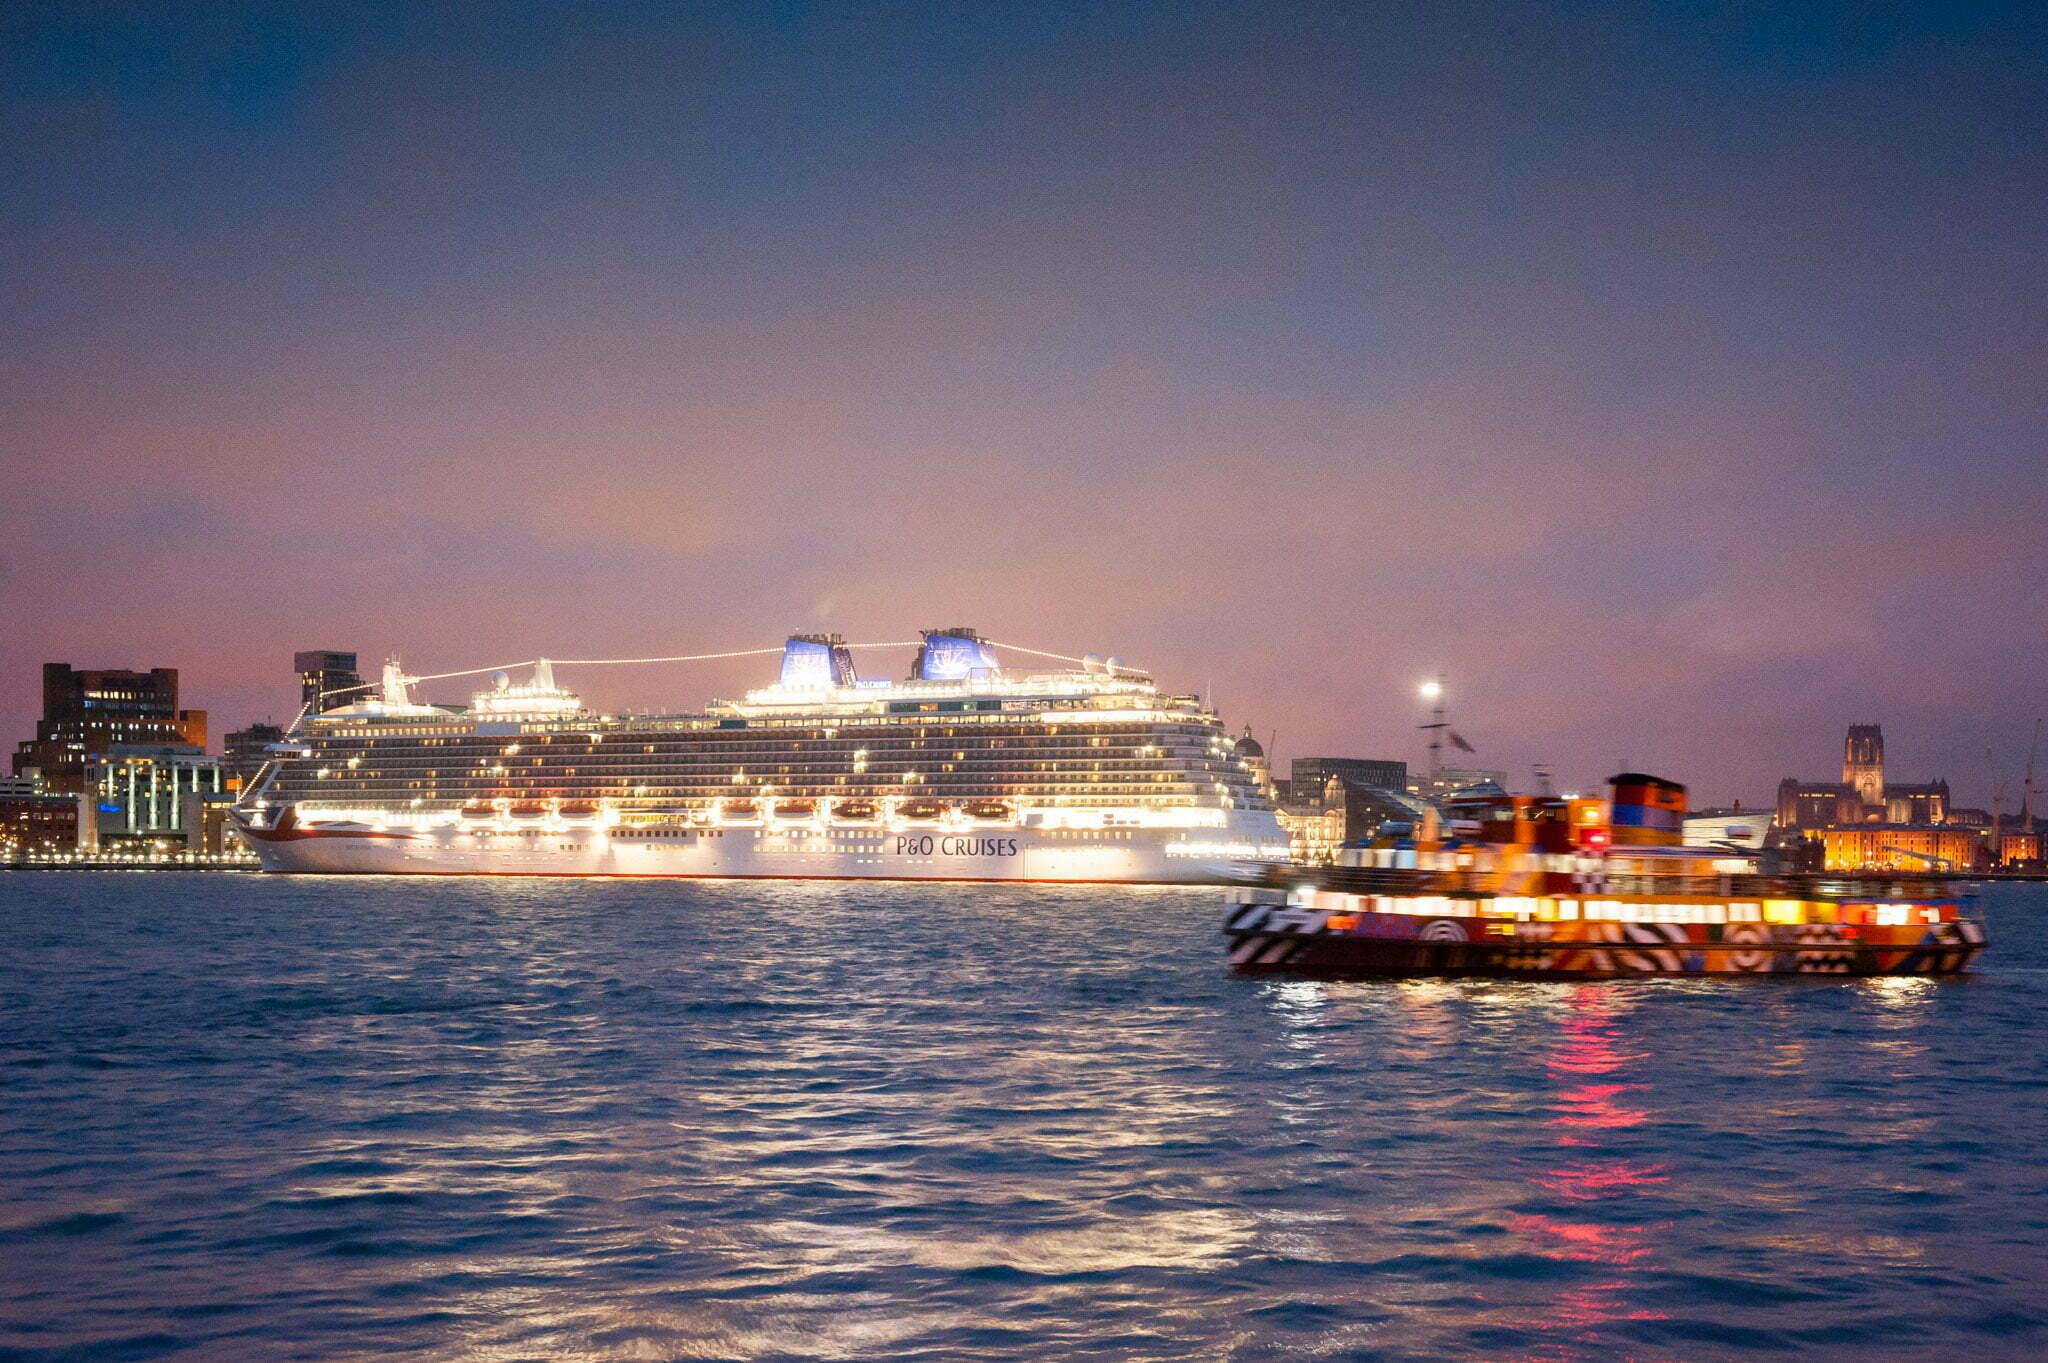 P&O cruise ship Britannia